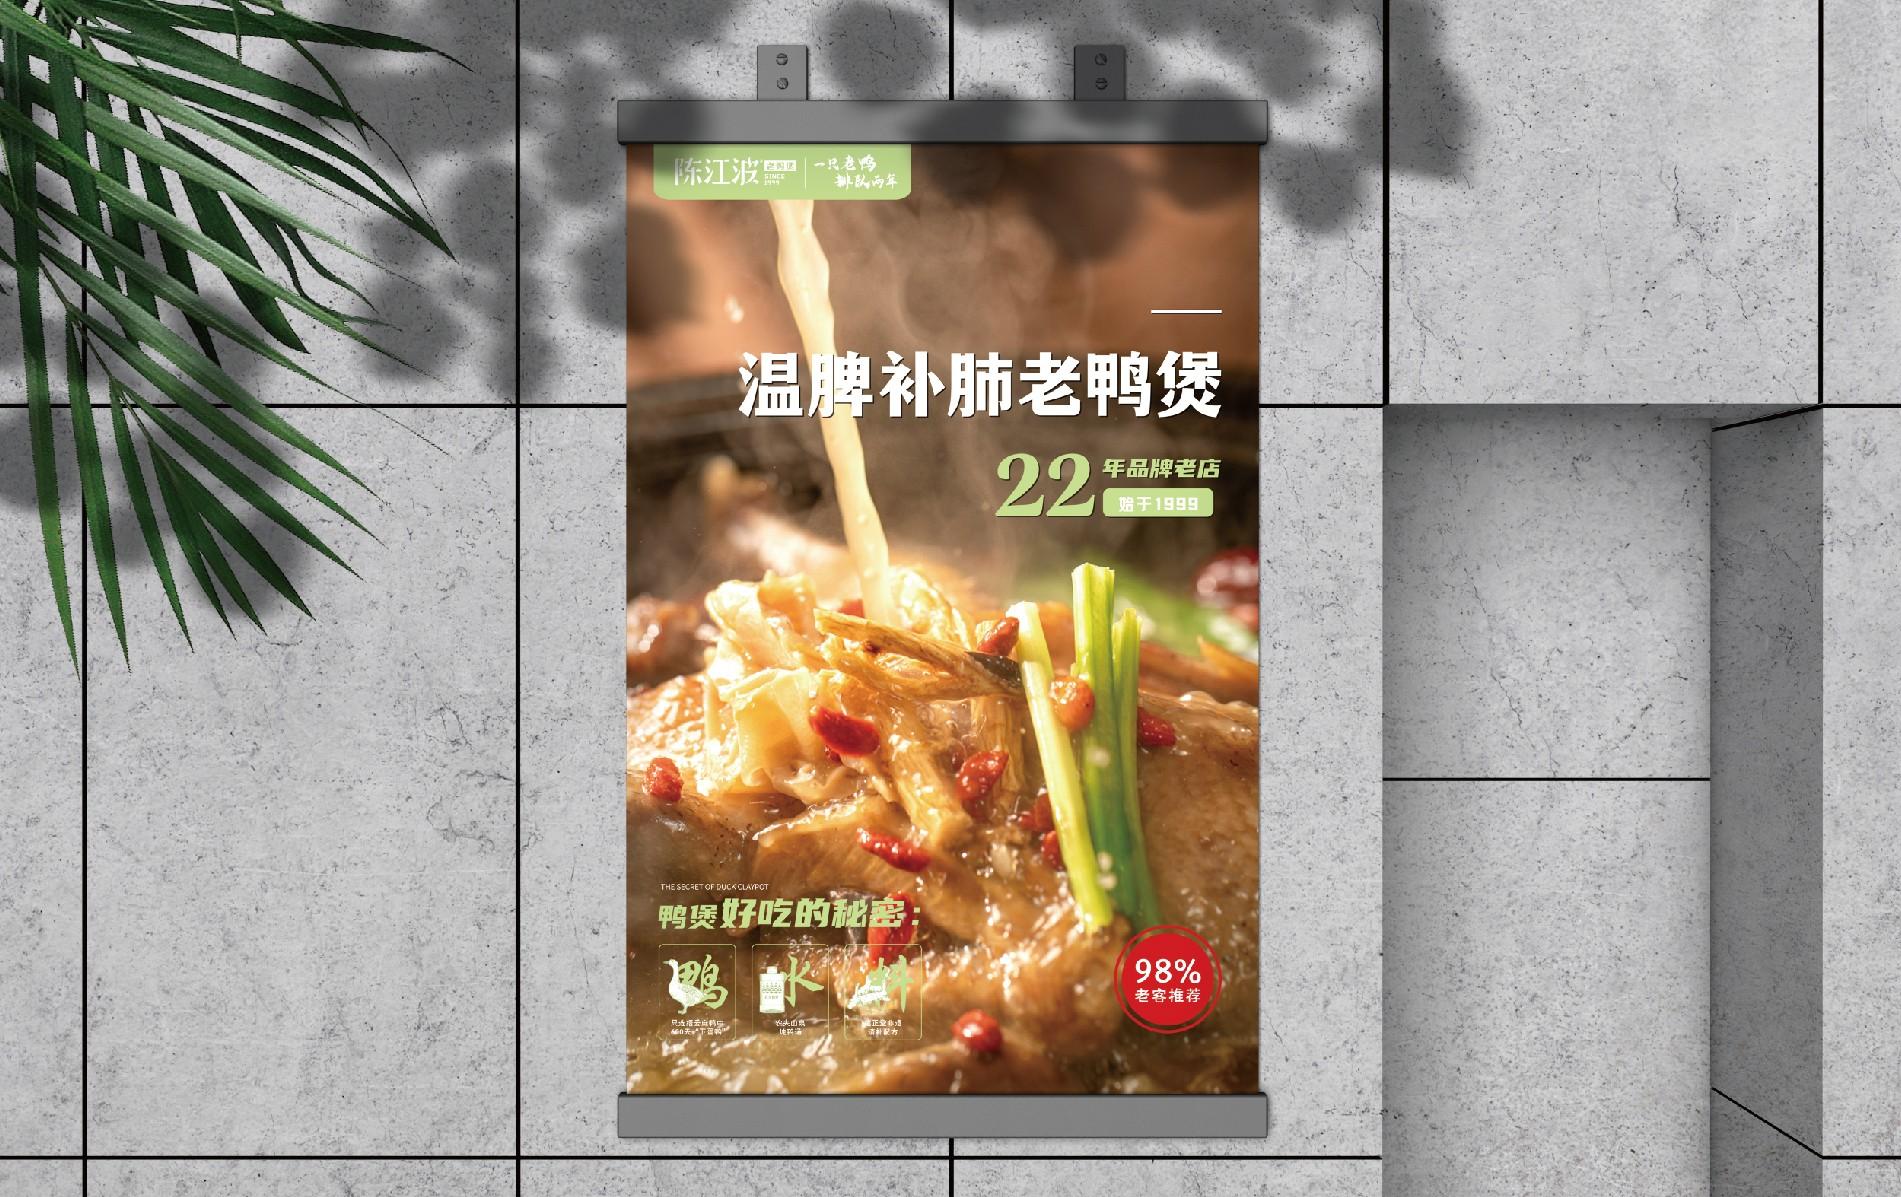 陈江波老鸭煲品牌策划设计-餐饮vi设计-杭州达岸品牌策划设计公司